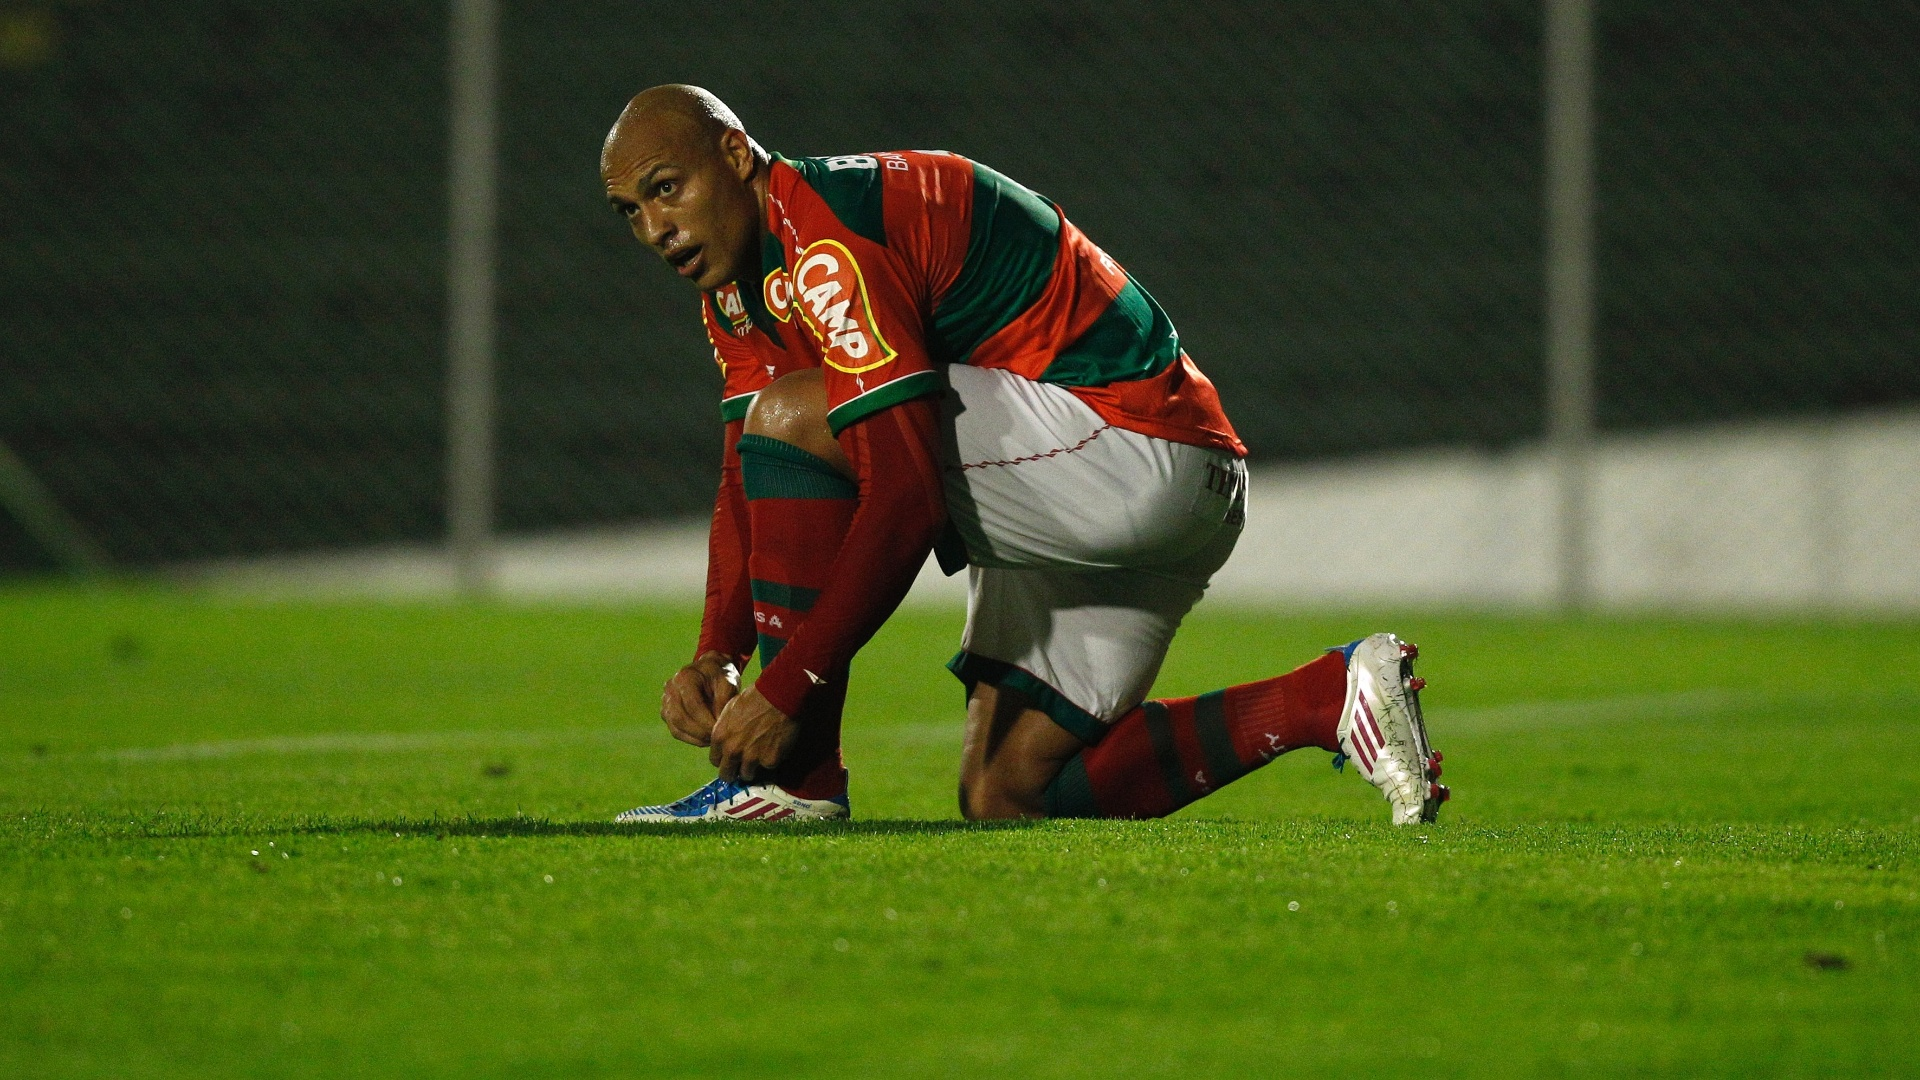 Edno, artilheiro da Portuguesa na Série B, com oito gols, não conseguiu marcar diante do Americana